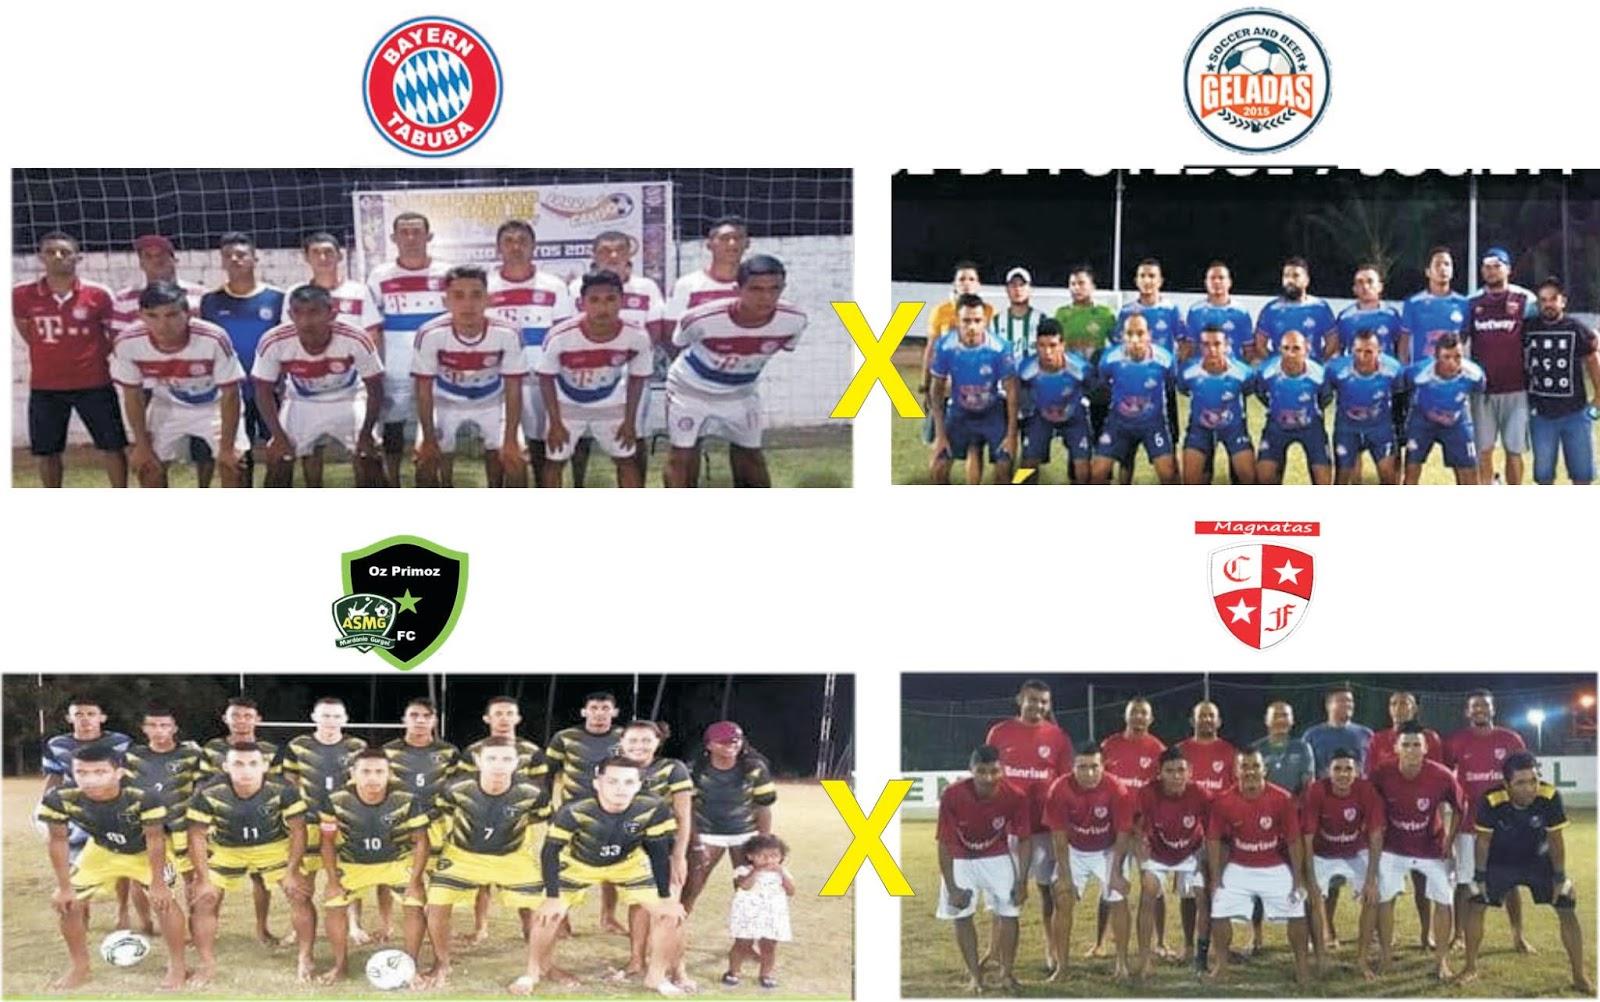 a8cbd8f9a4 O Campeonato Caucaiense de Futebol de 7 Society de 2018 está previsto para  esta sexta-feira